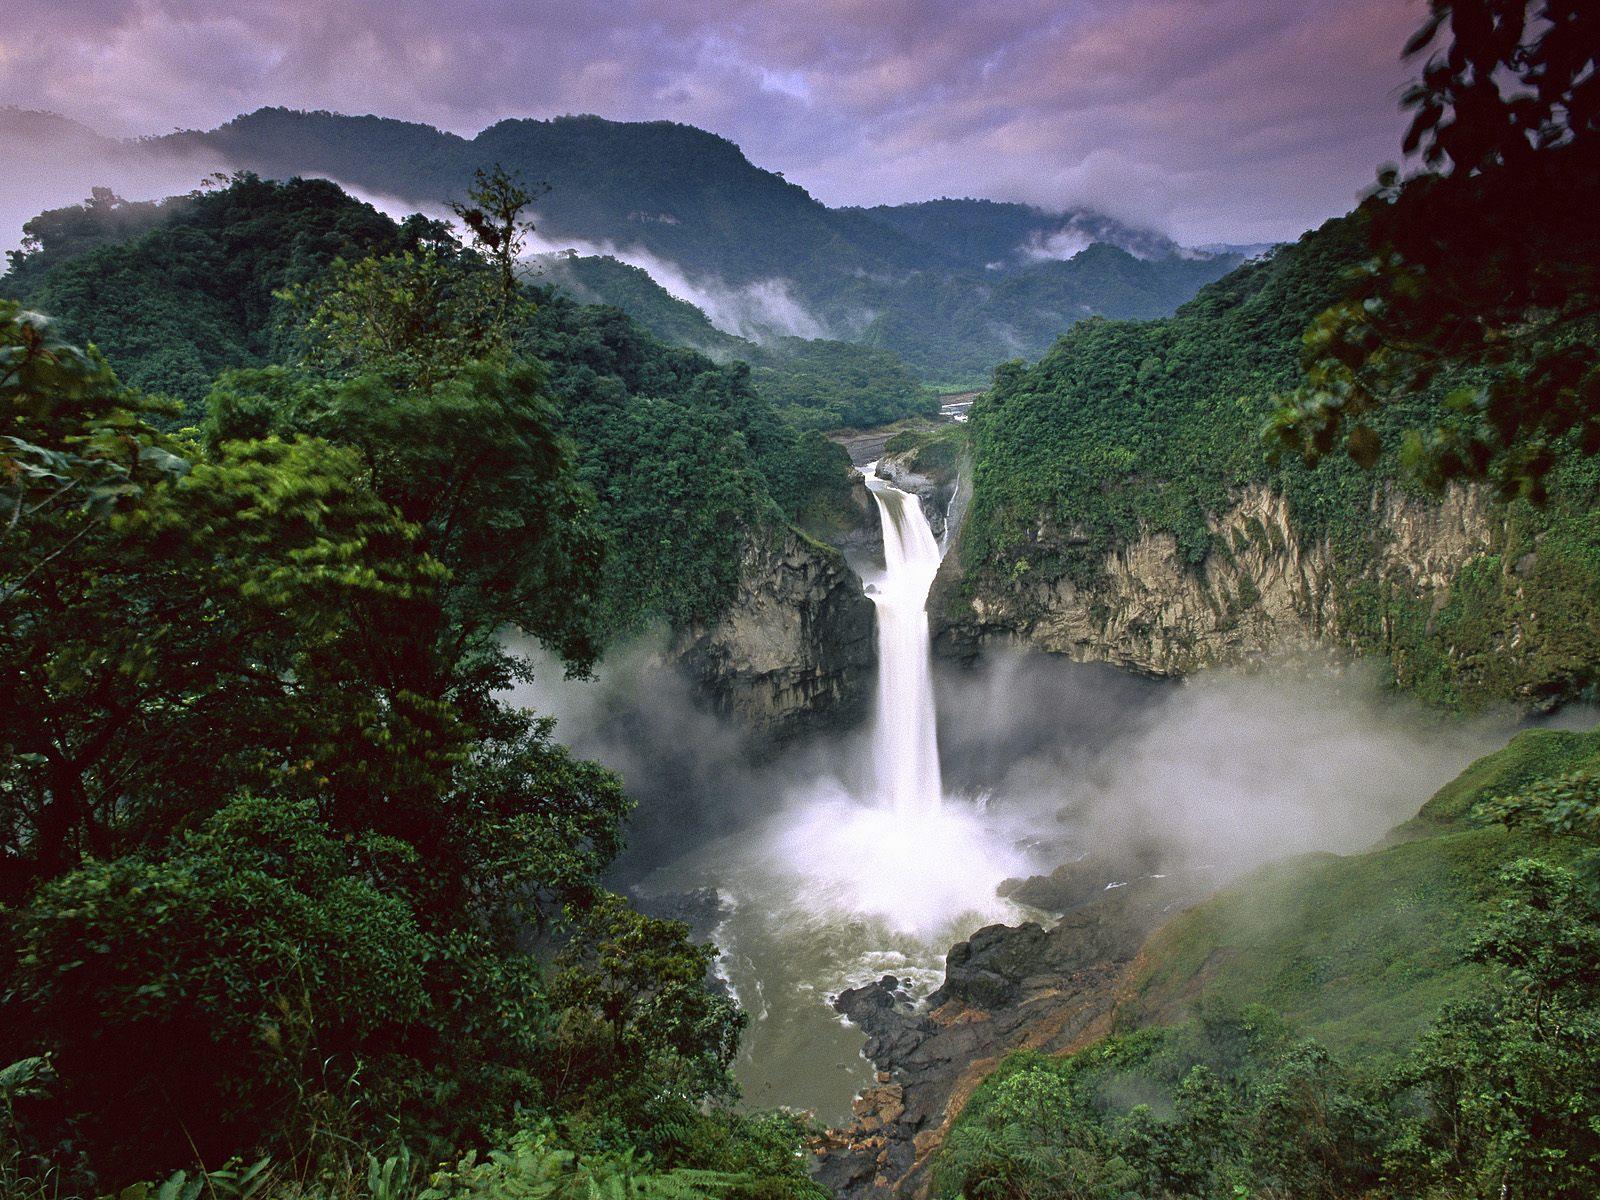 Parque Nacional Yasuni (Fuente: Hintadupfing Park)